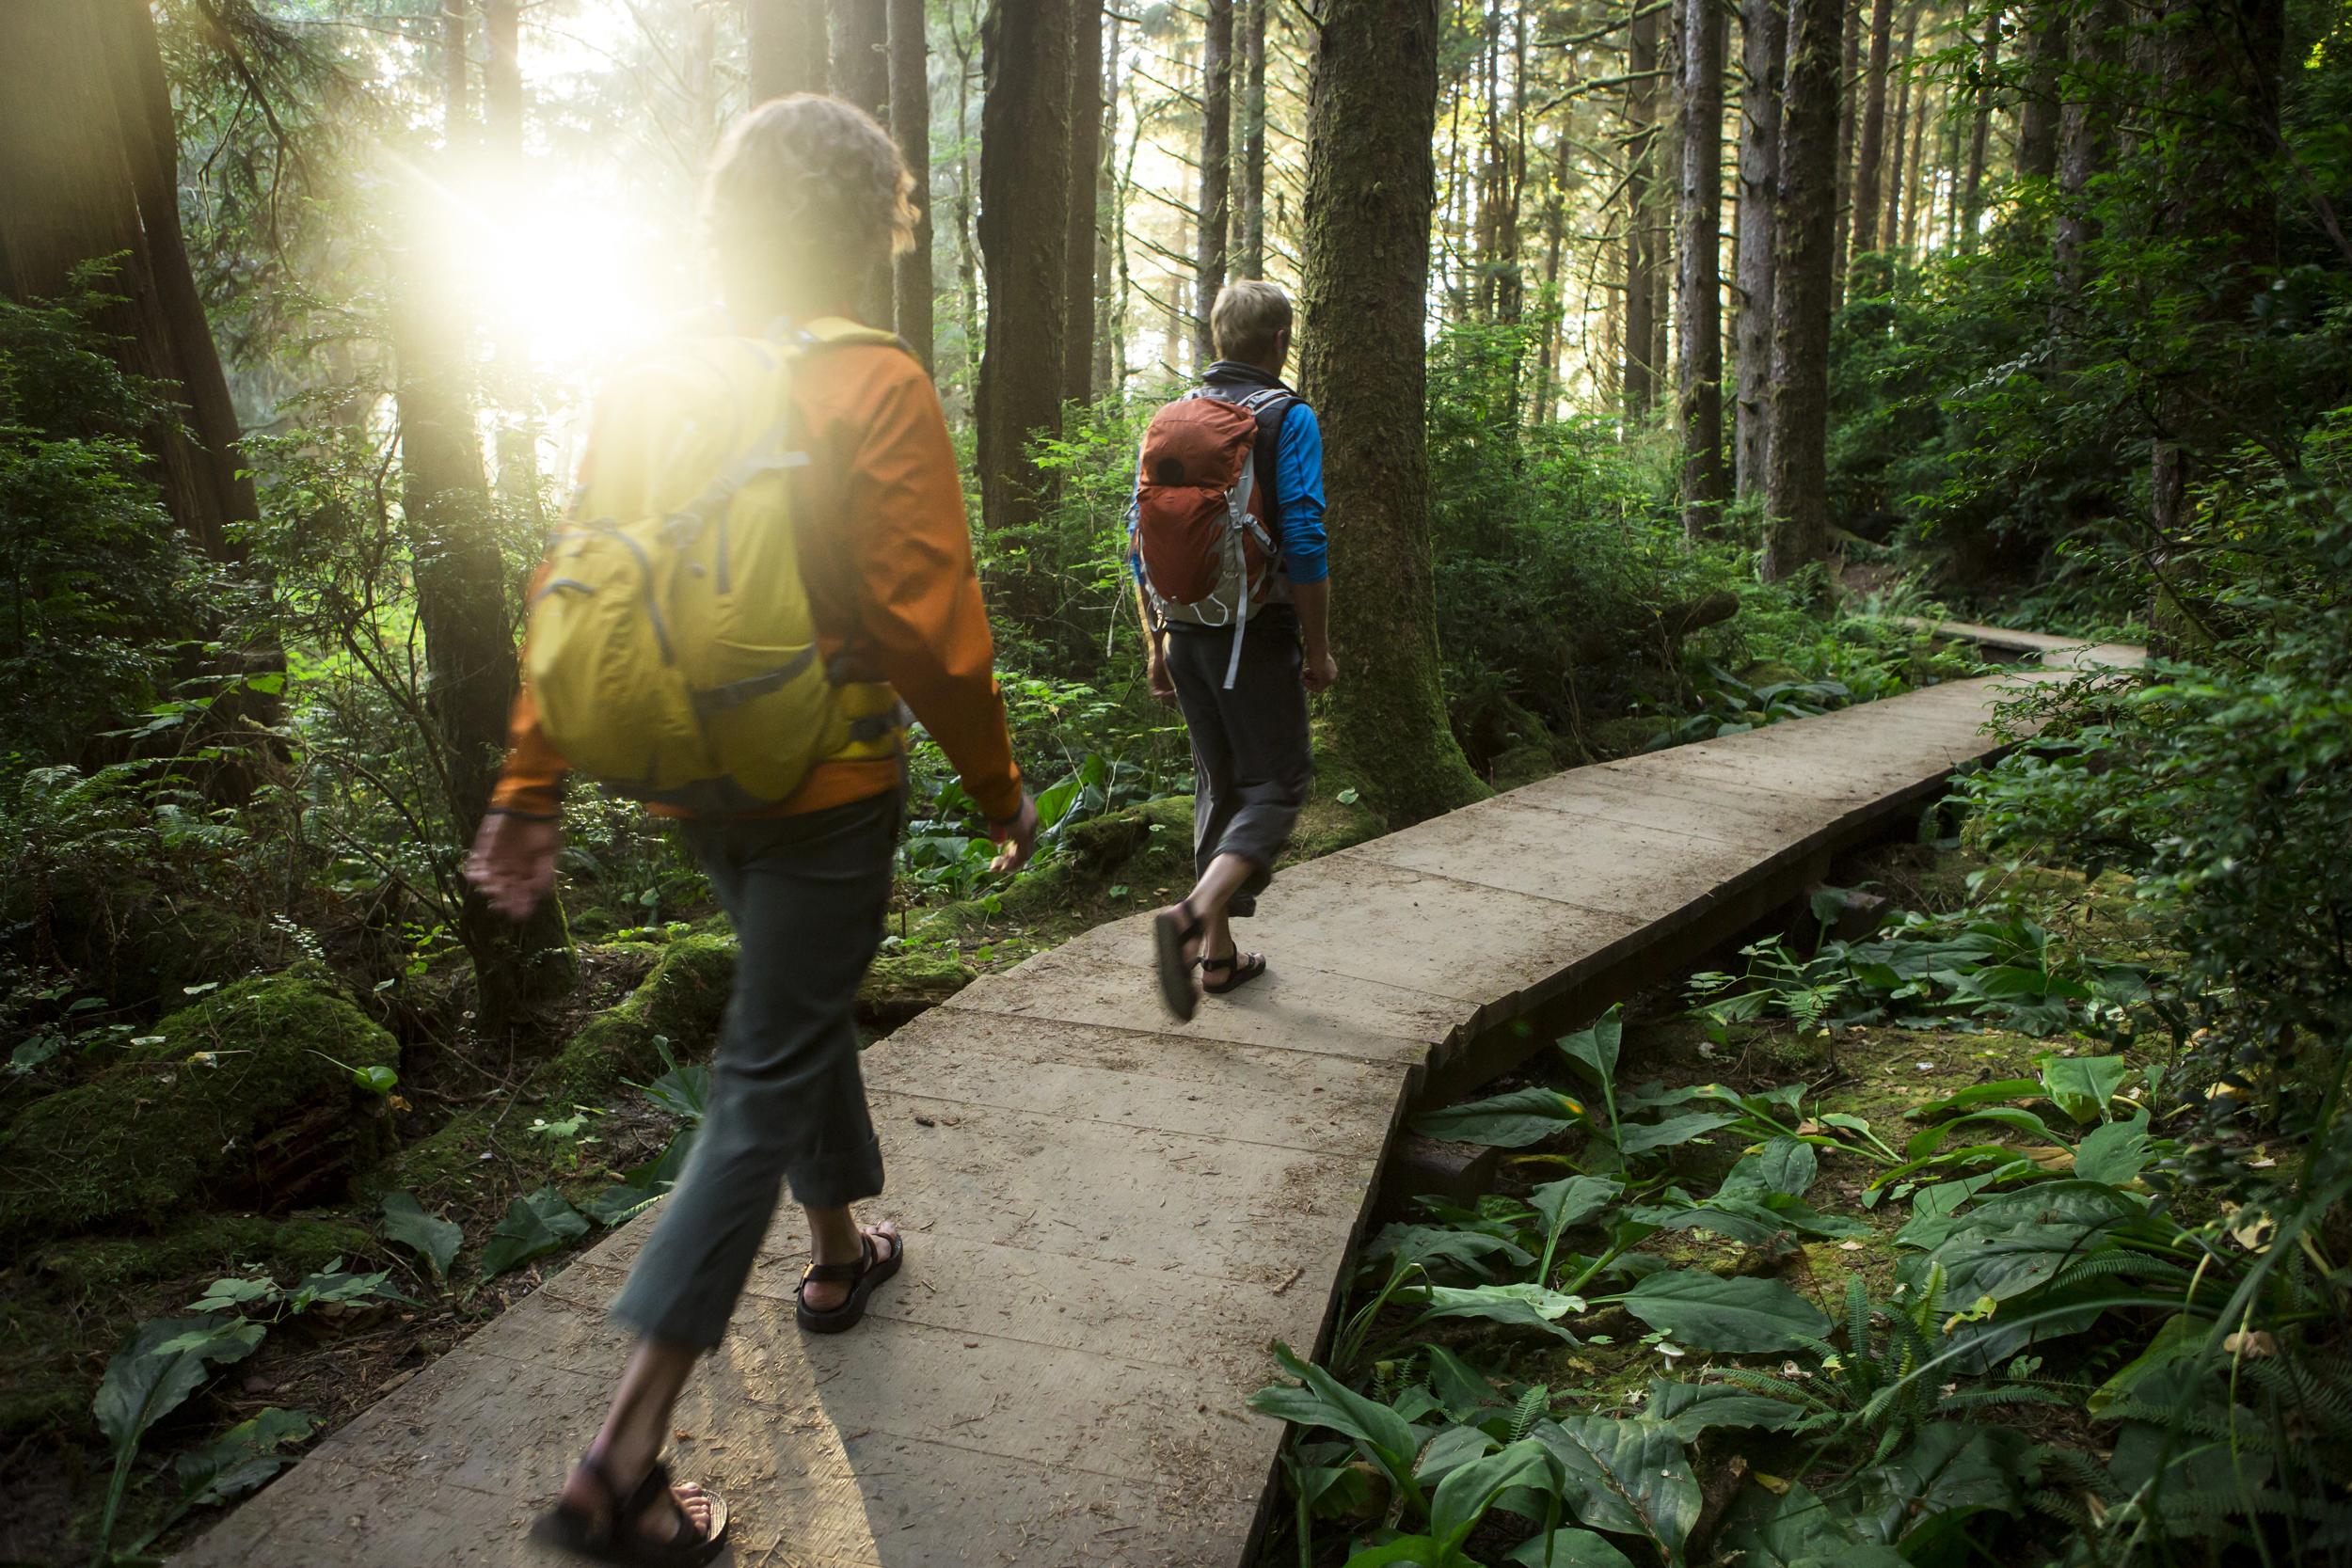 Αθλητισμός Οφέλη Περπάτημα: Αλλάξτε τον τρόπο που περπάτατε για να διατηρήσετε το κίνητρό σας να αθλείστε [vid]